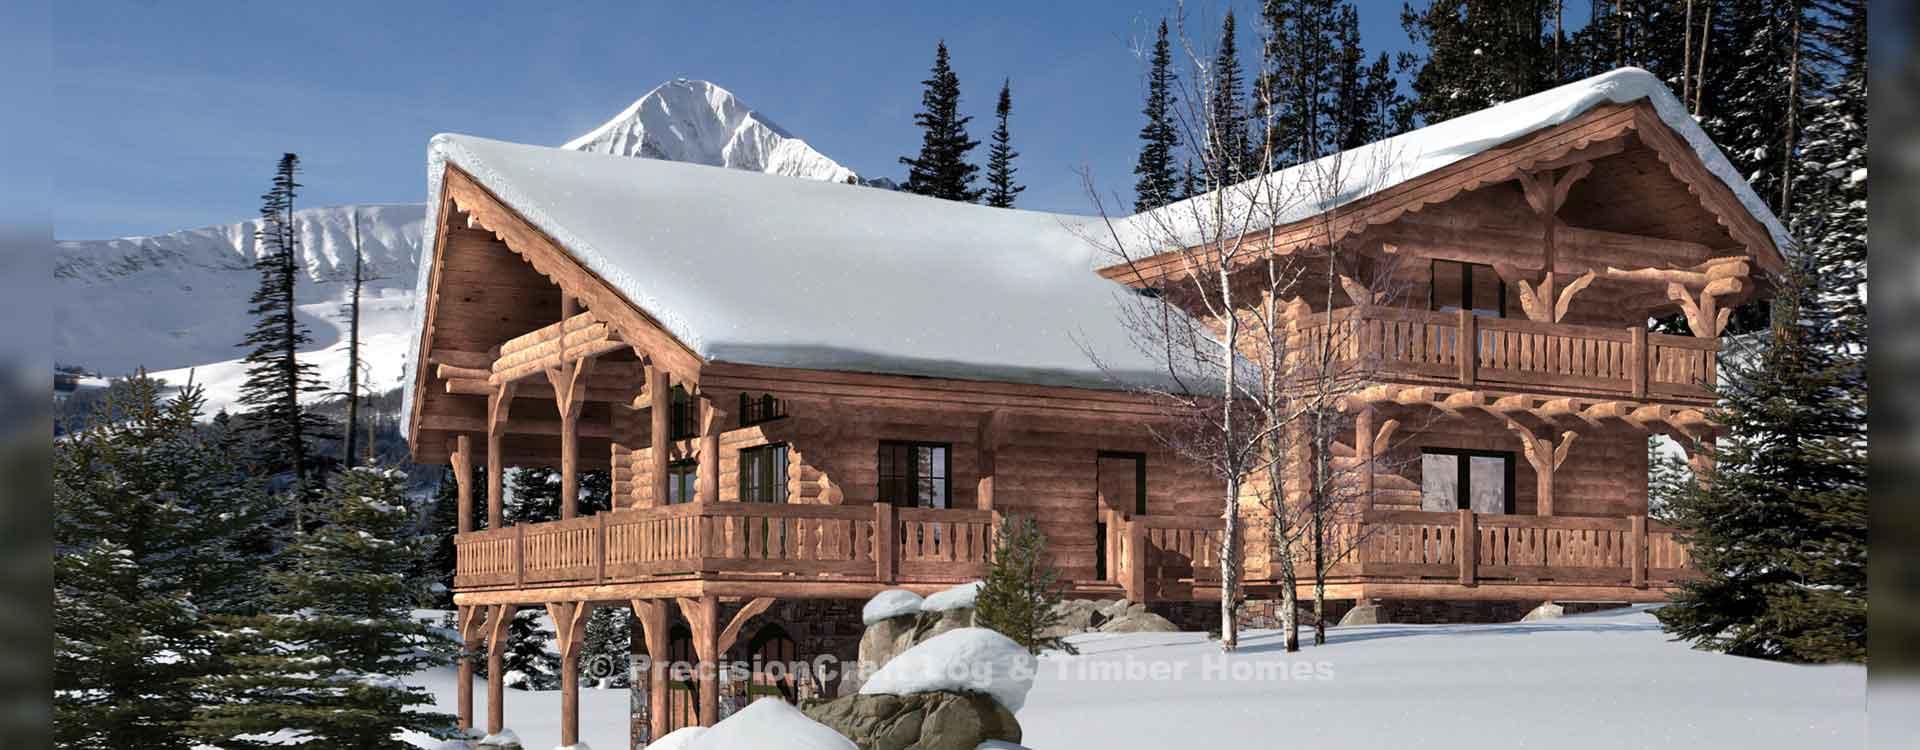 Timber Ridge | Log Home Floor Plan